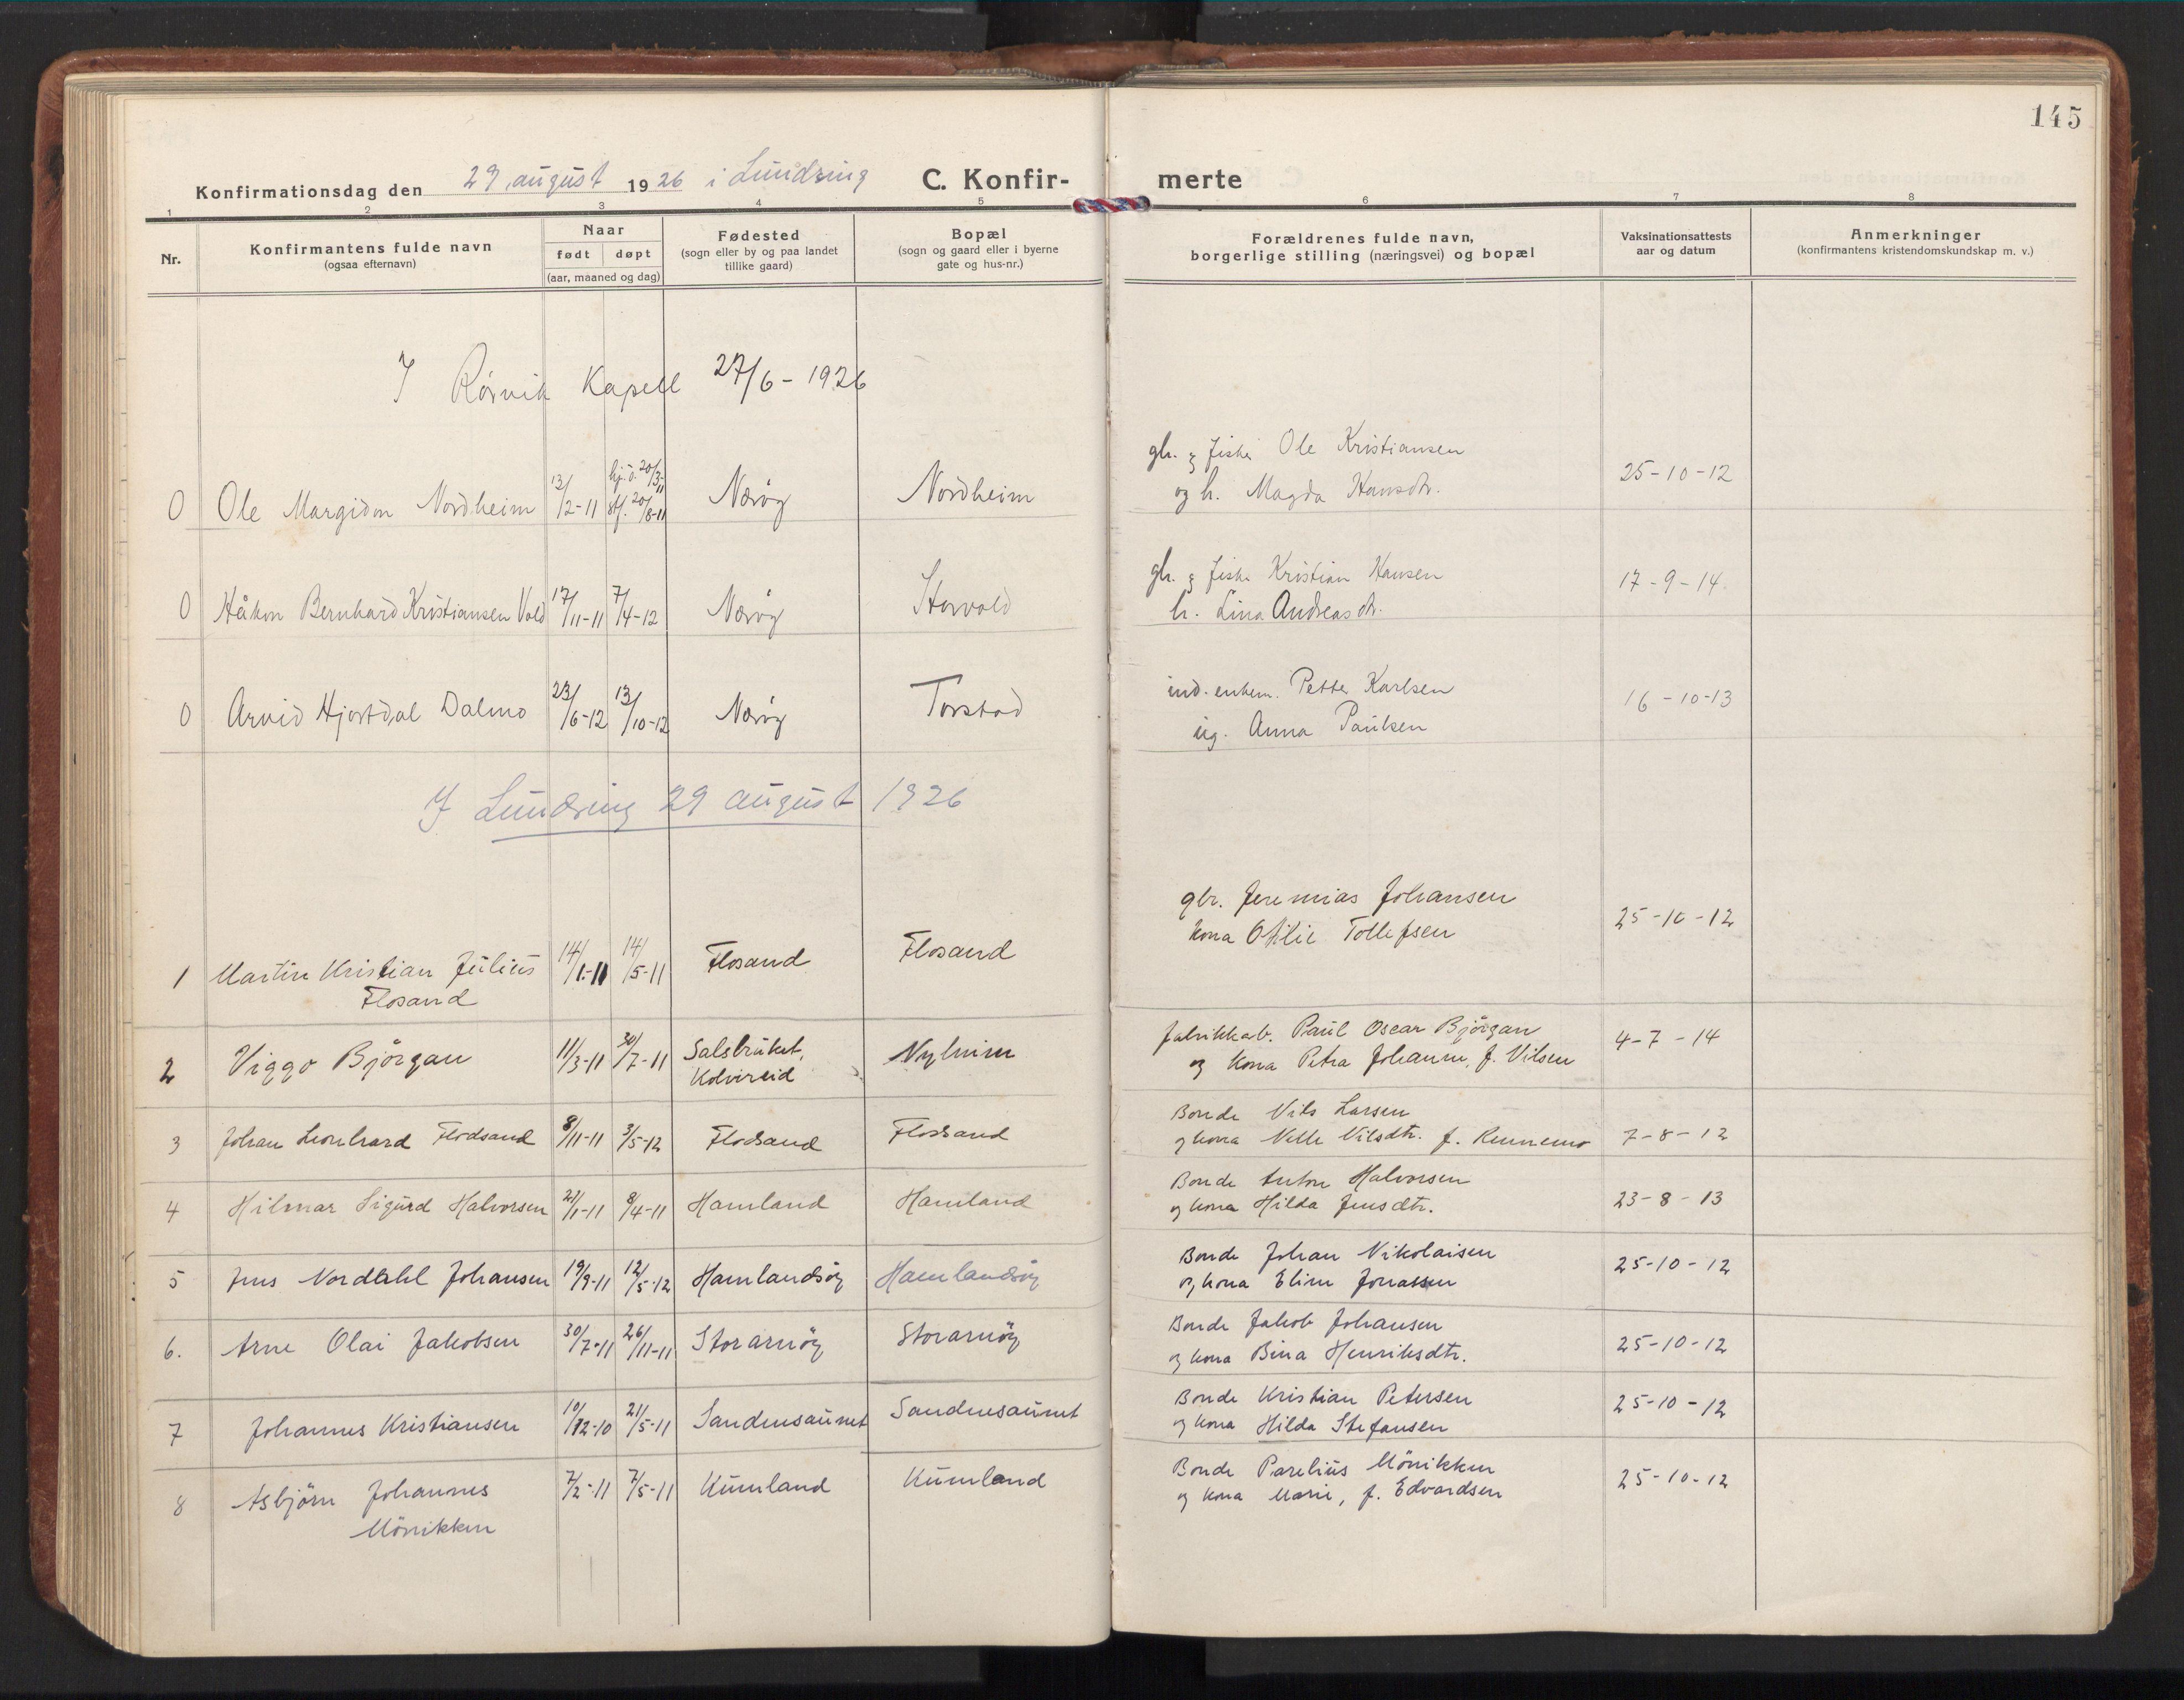 SAT, Ministerialprotokoller, klokkerbøker og fødselsregistre - Nord-Trøndelag, 784/L0678: Ministerialbok nr. 784A13, 1921-1938, s. 145